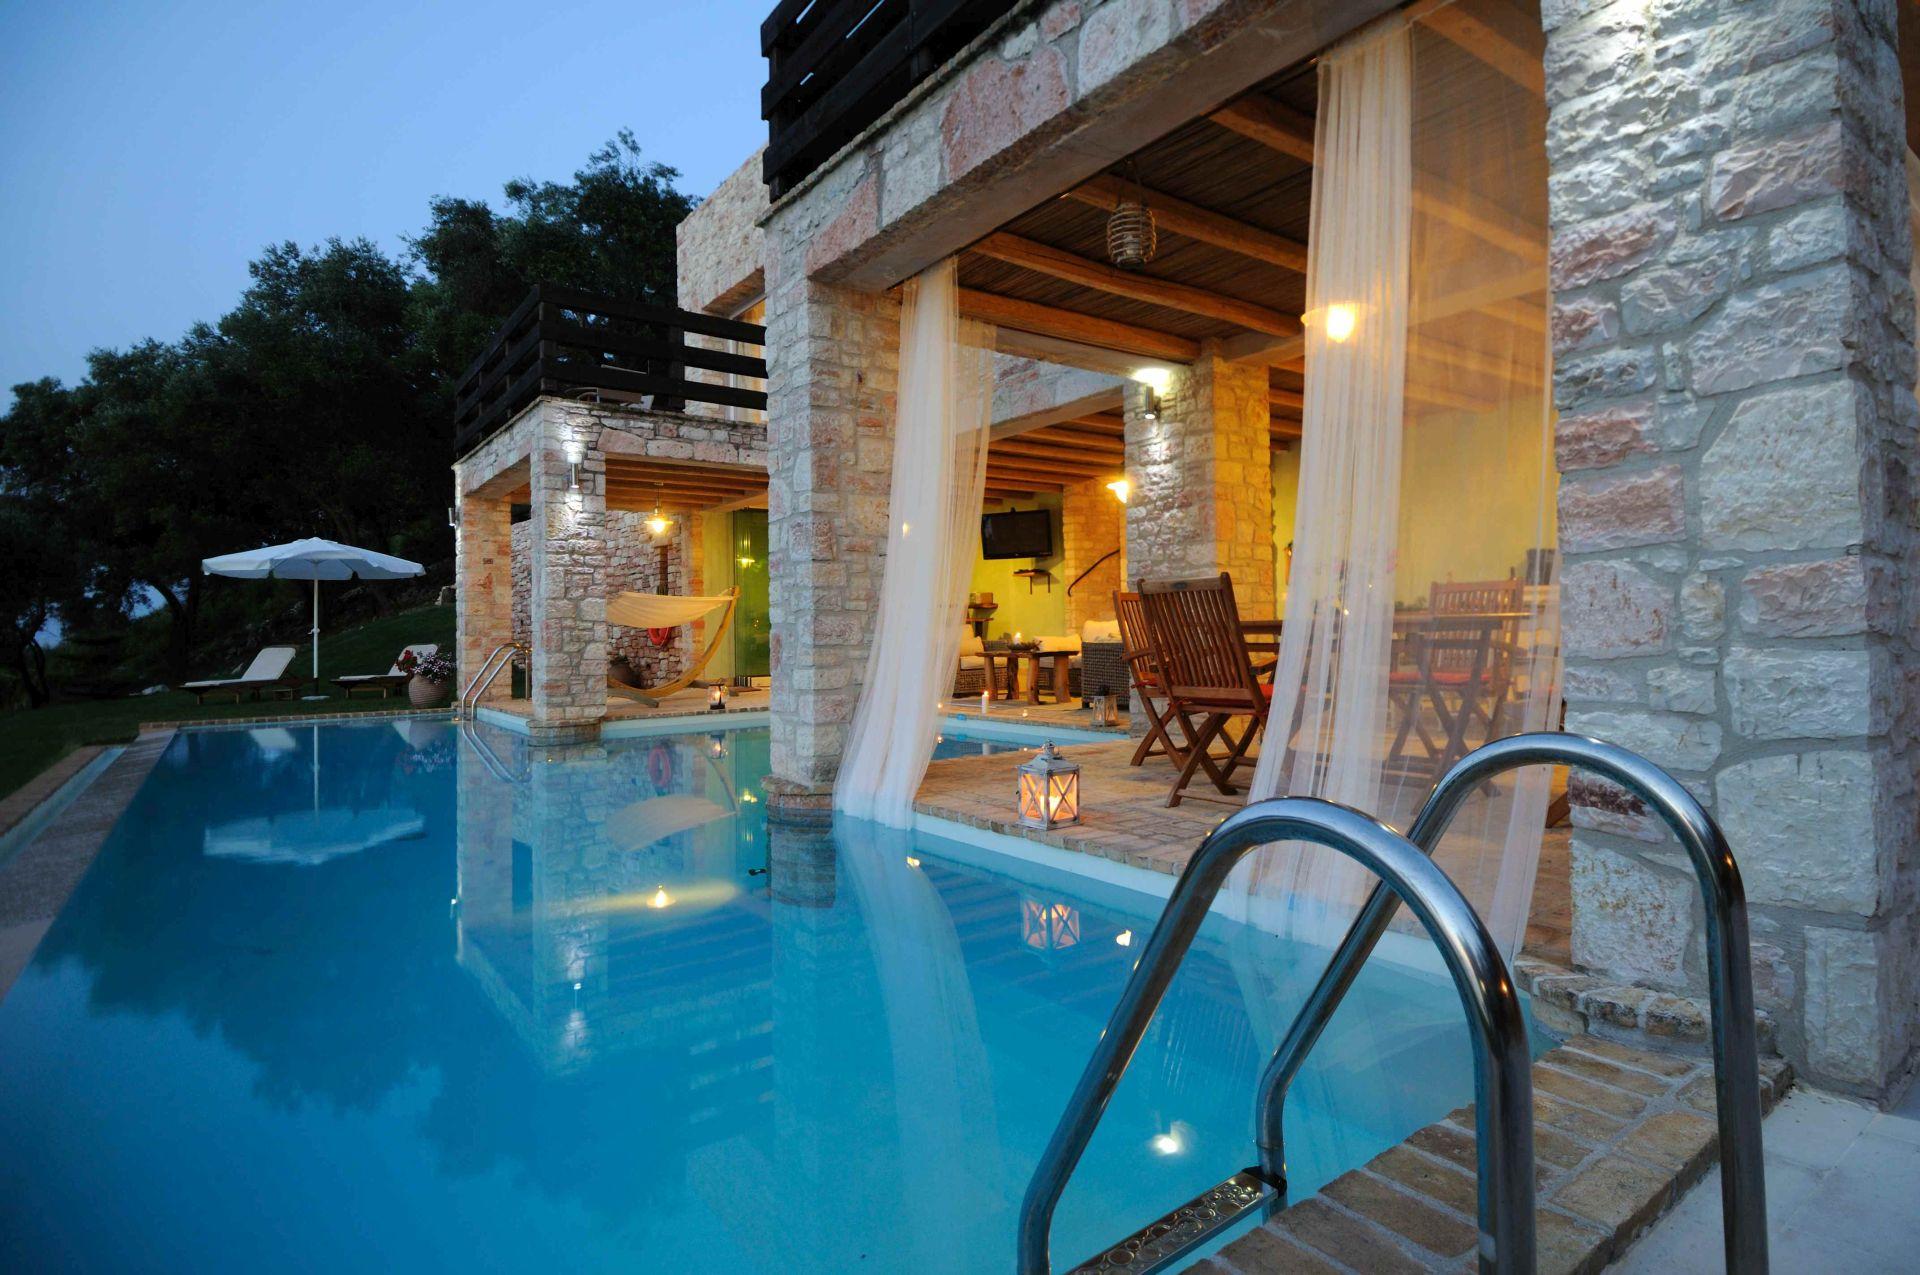 Pool Abendstimmung - Korfu Villa Steilküste, Agios Spiridon, Korfu, Griechenland